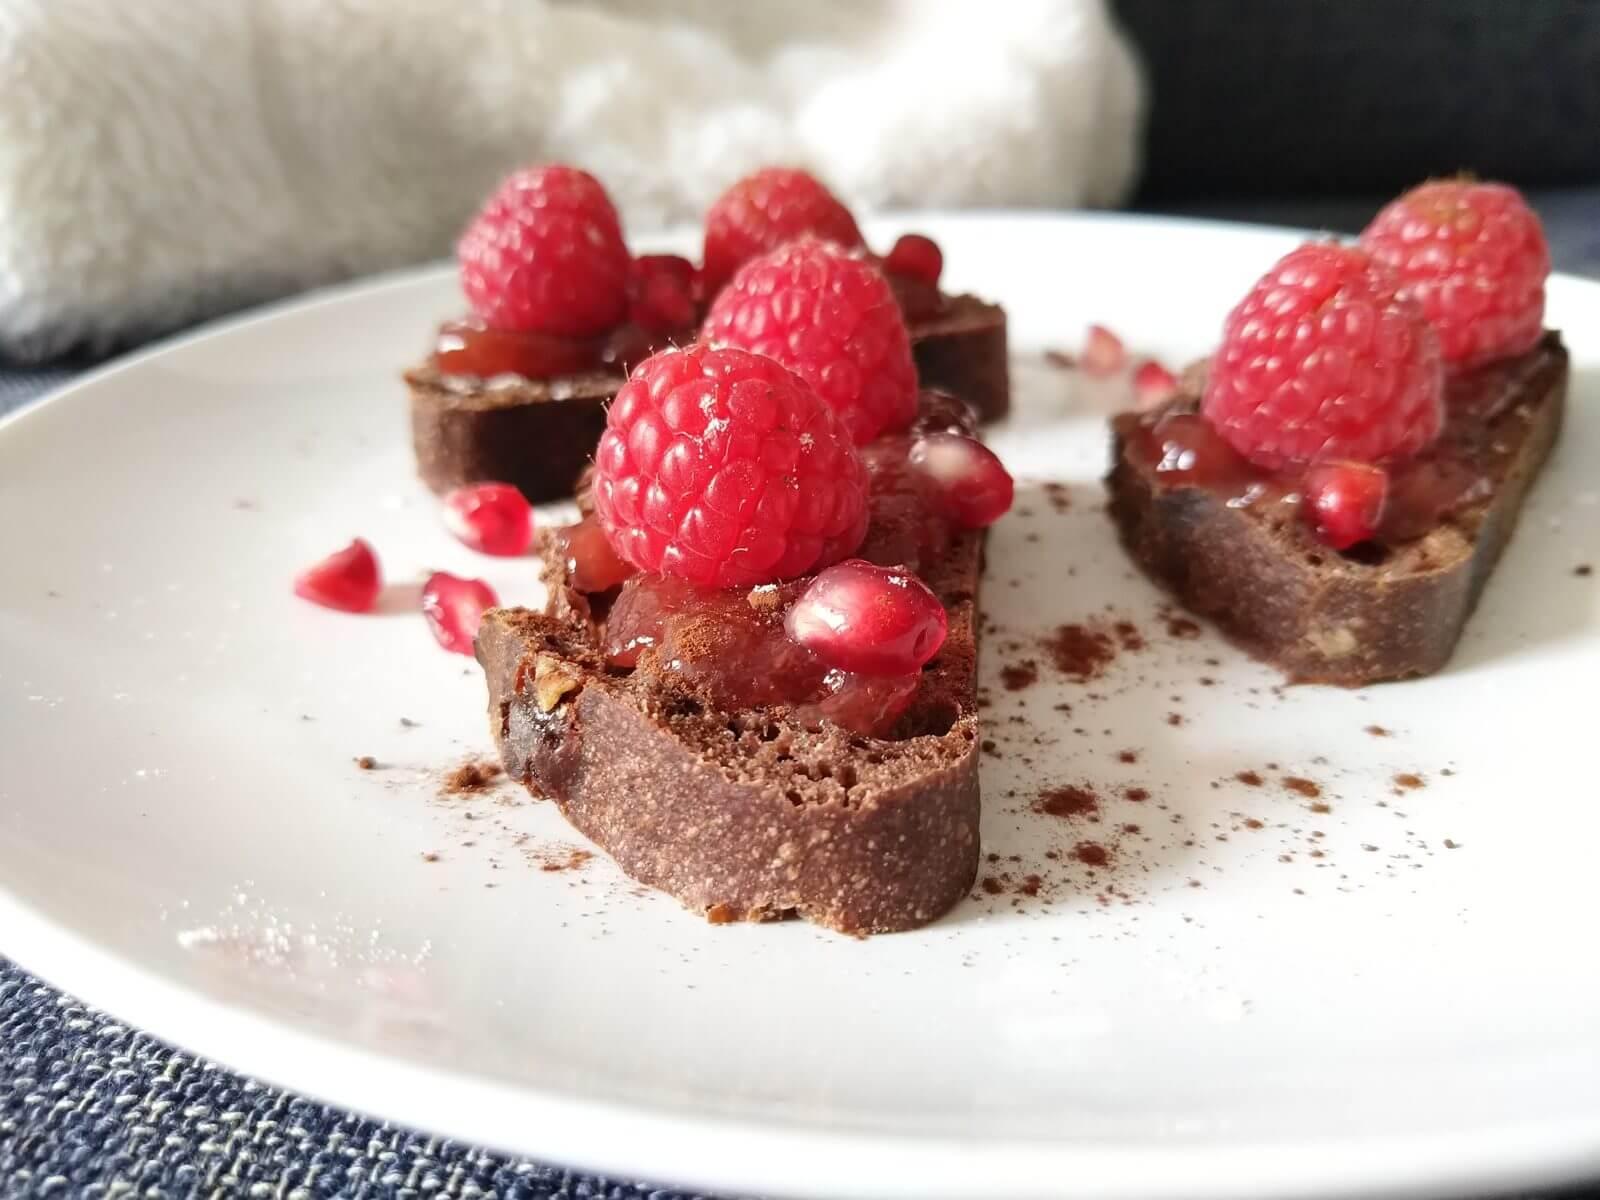 Tartine au pain de cacao, confiture de fraises des bois et framboises fraîches